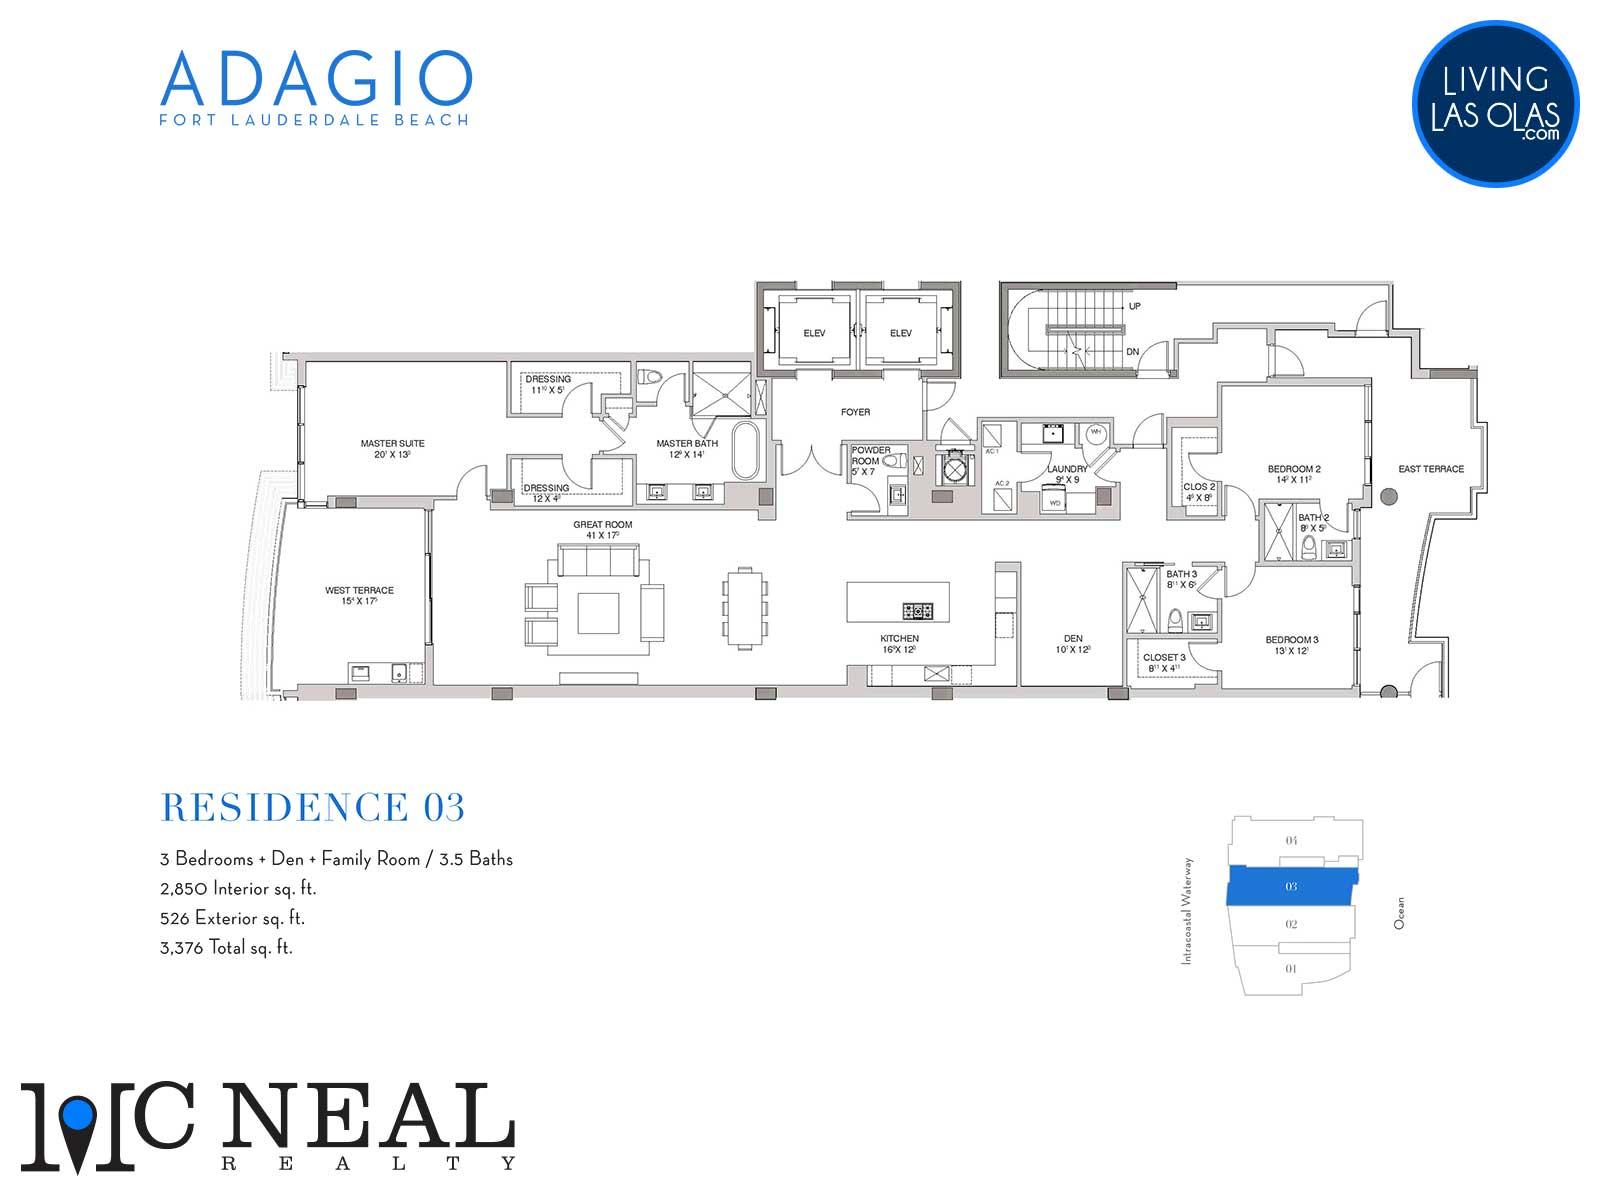 Adagio Fort Lauderdale Beach Condos Floor Plans Residence 03